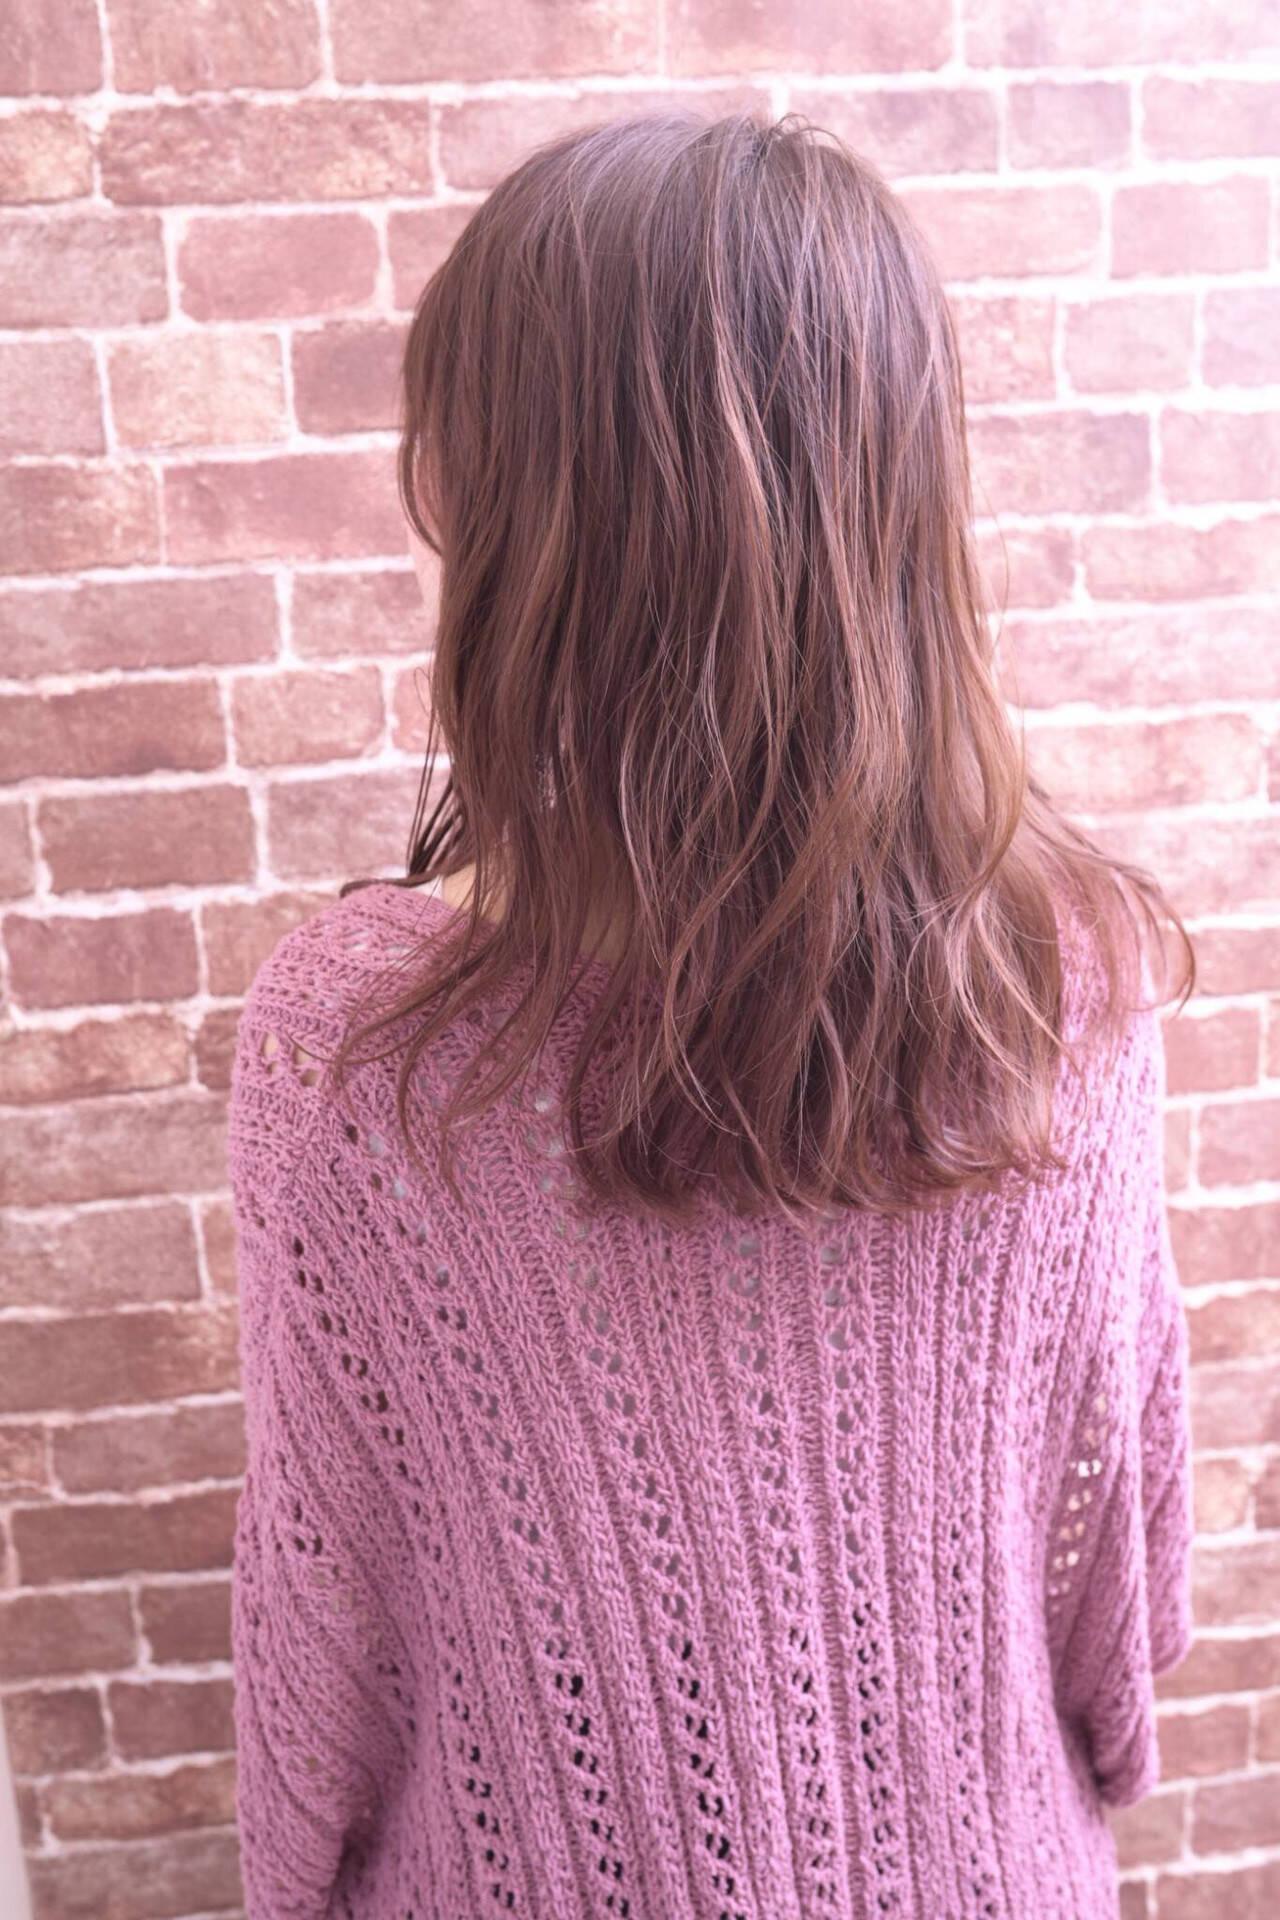 巻き髪 ゆる巻き ナチュラル ピンクベージュヘアスタイルや髪型の写真・画像